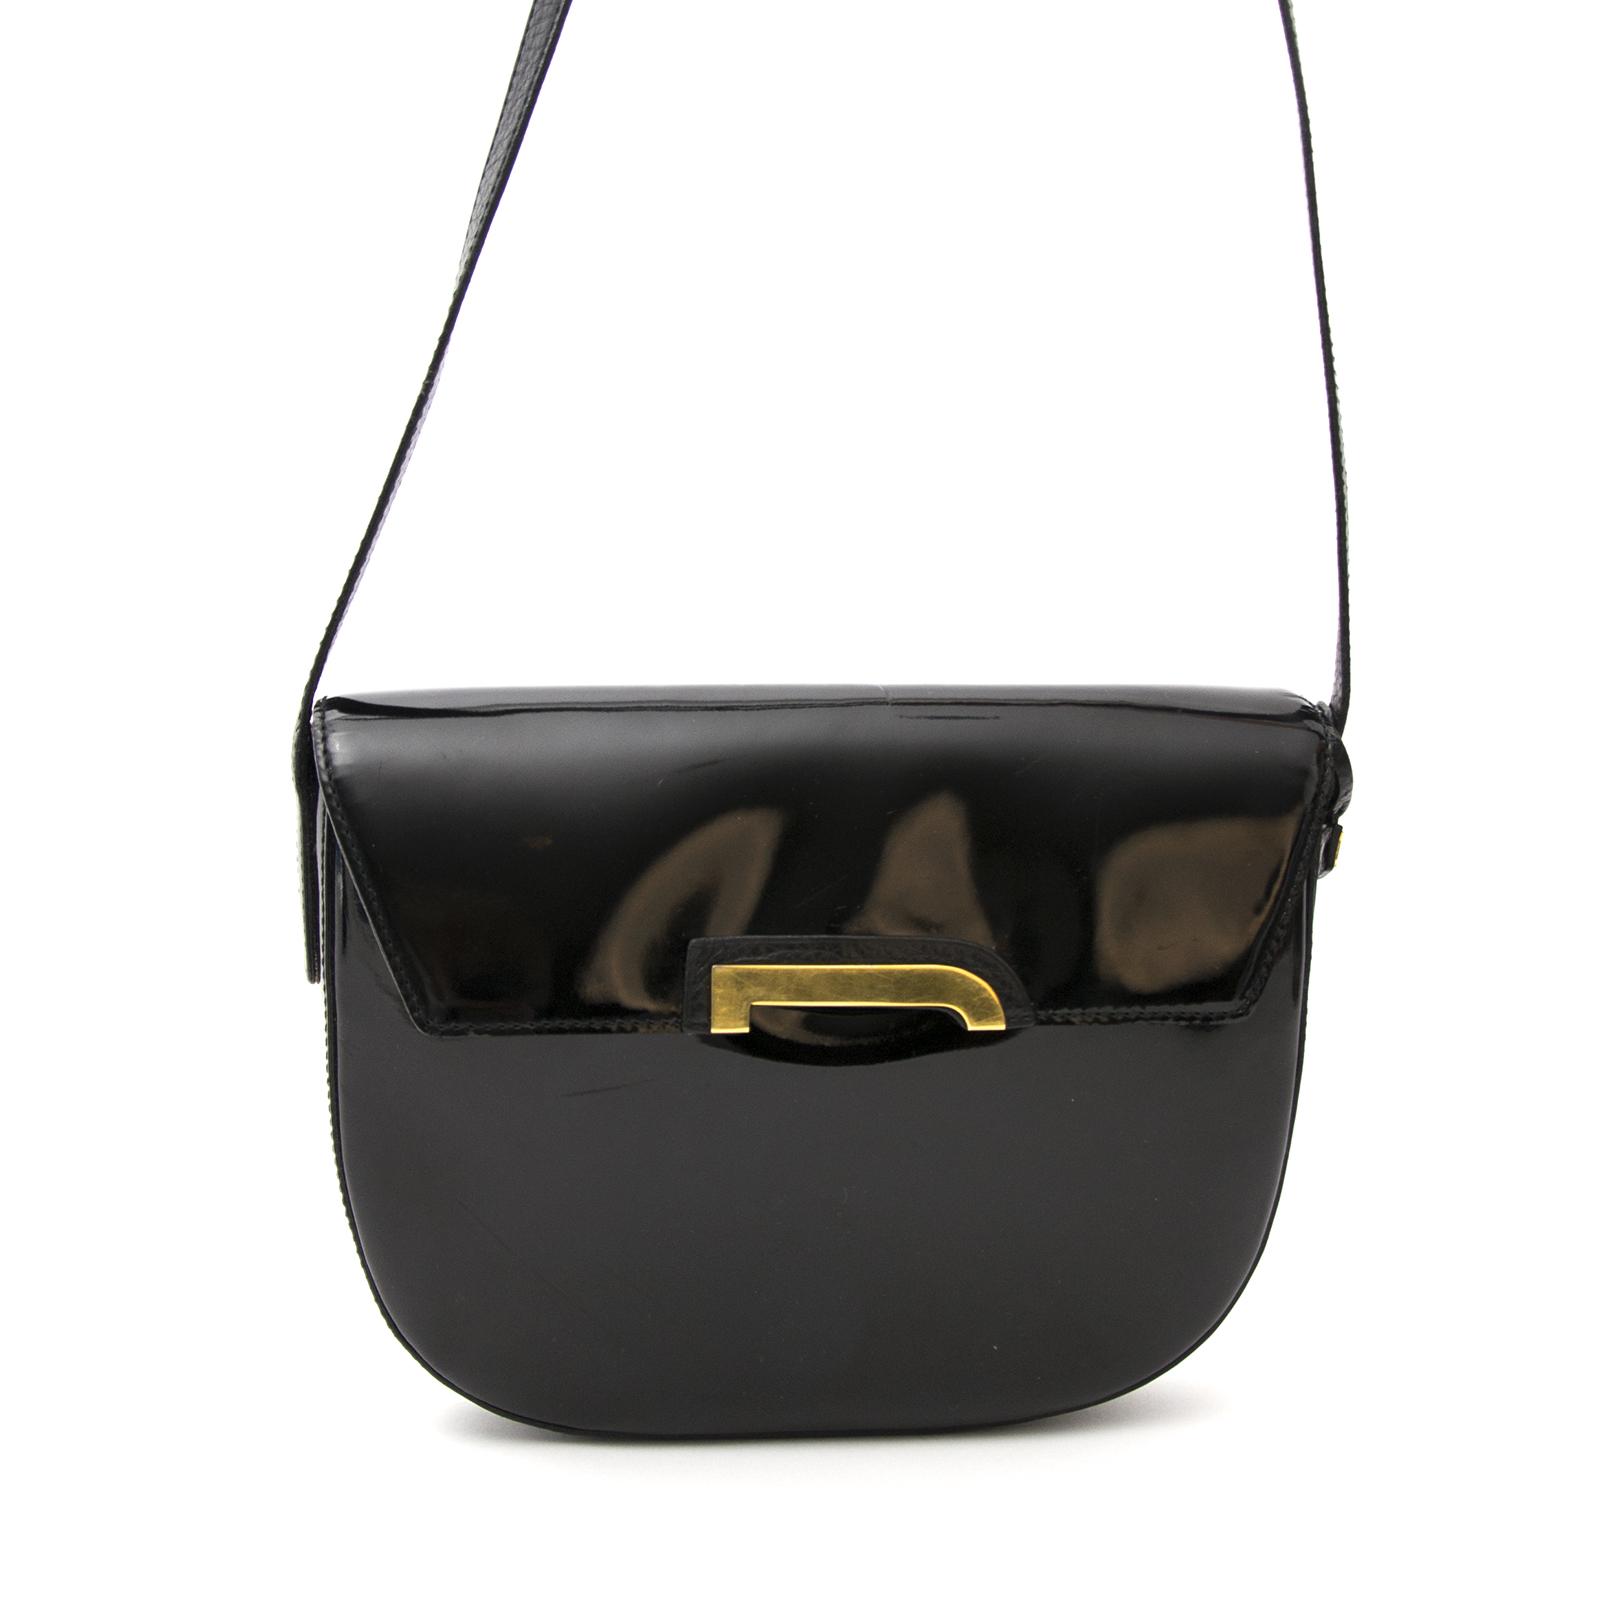 Achetez le Delvaux Black Crossbody Bag Patent Leather en ligne www.labellov.com, des prix raisonnables.